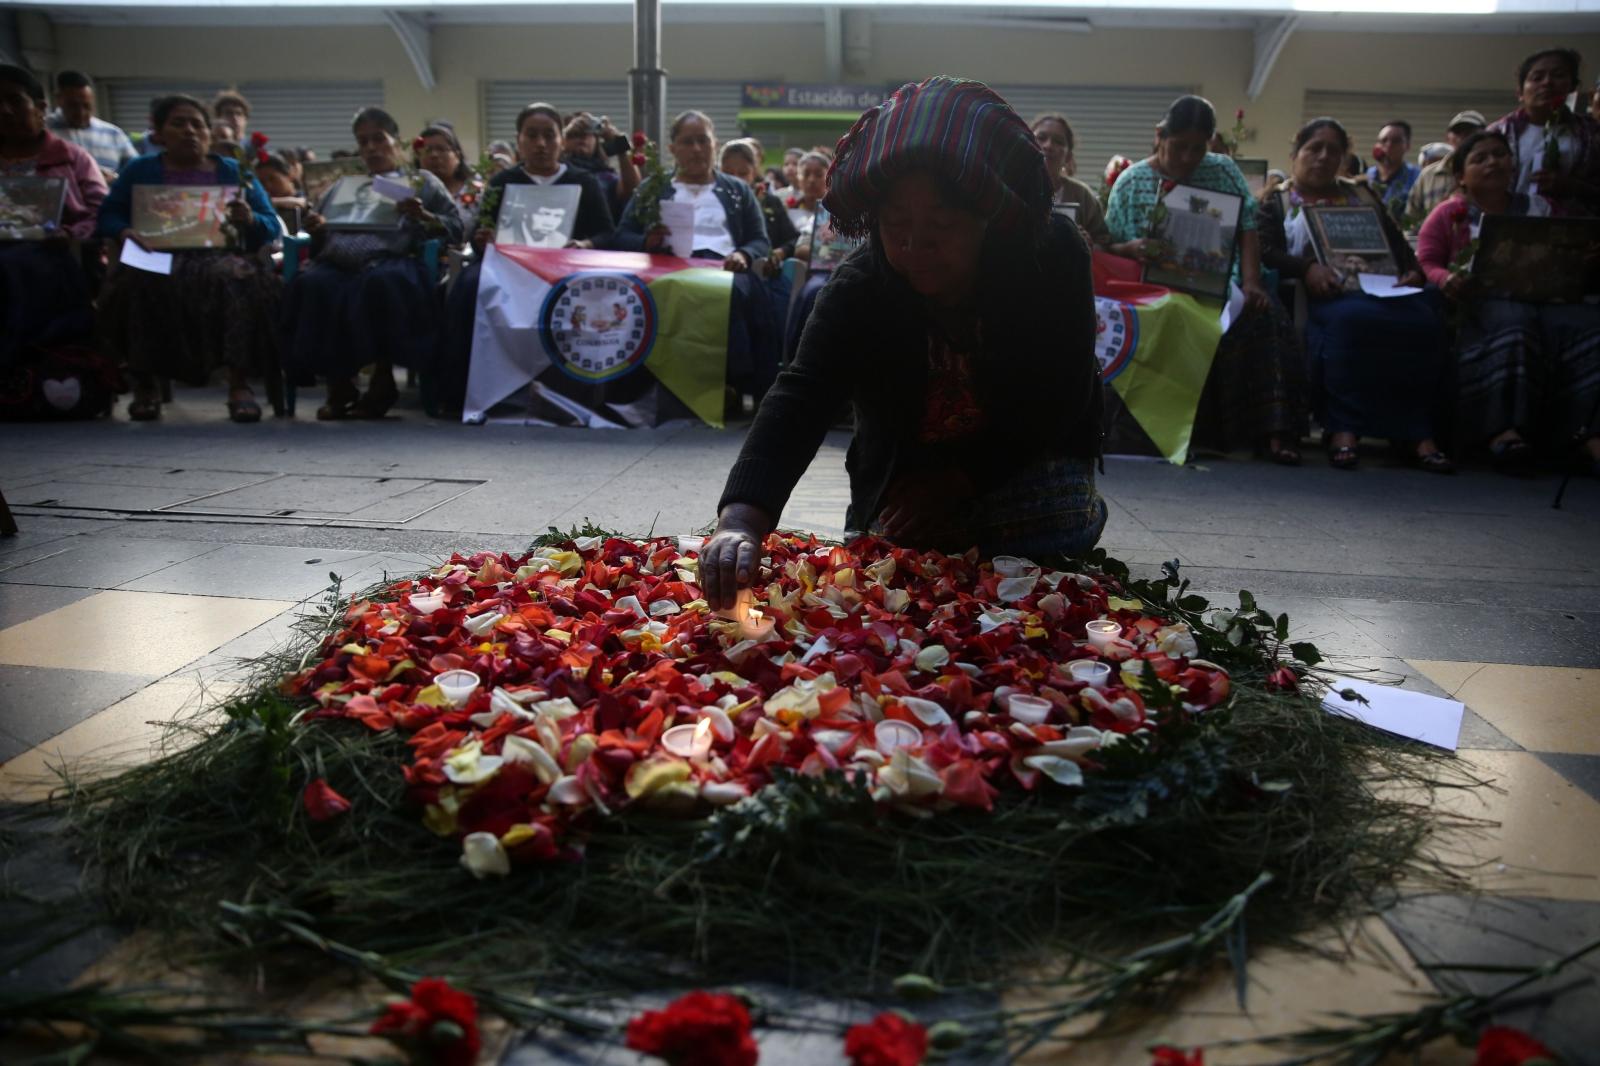 Kobieta składa kwiaty na wieńcu z okazji Dnia Godności Ofiar Konfliktu Wewnętrznego w Gwatemali.